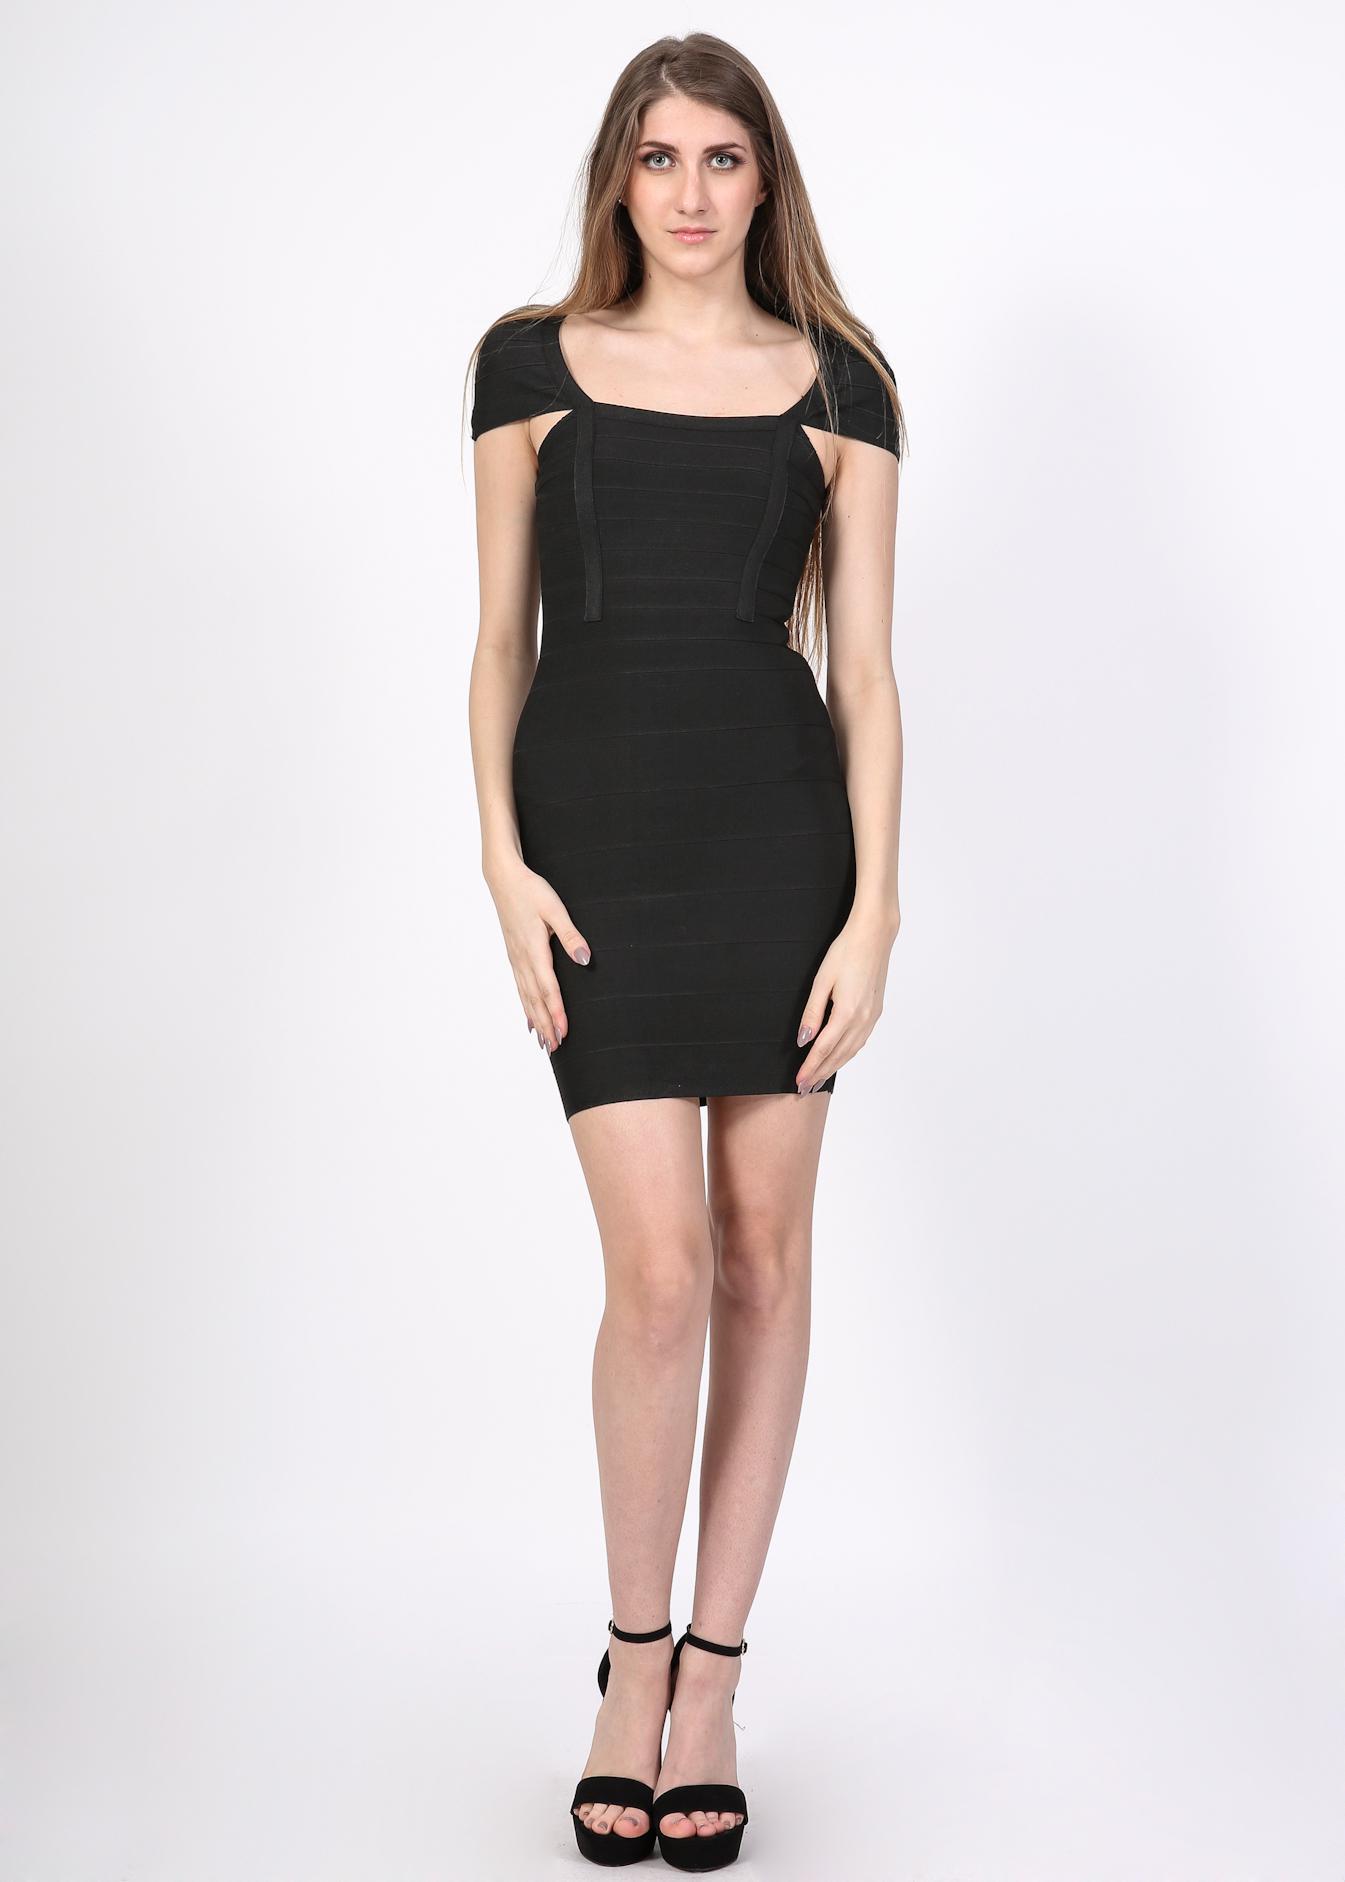 Kim bandage bodycon φόρεμα, μαύρο ρούχα